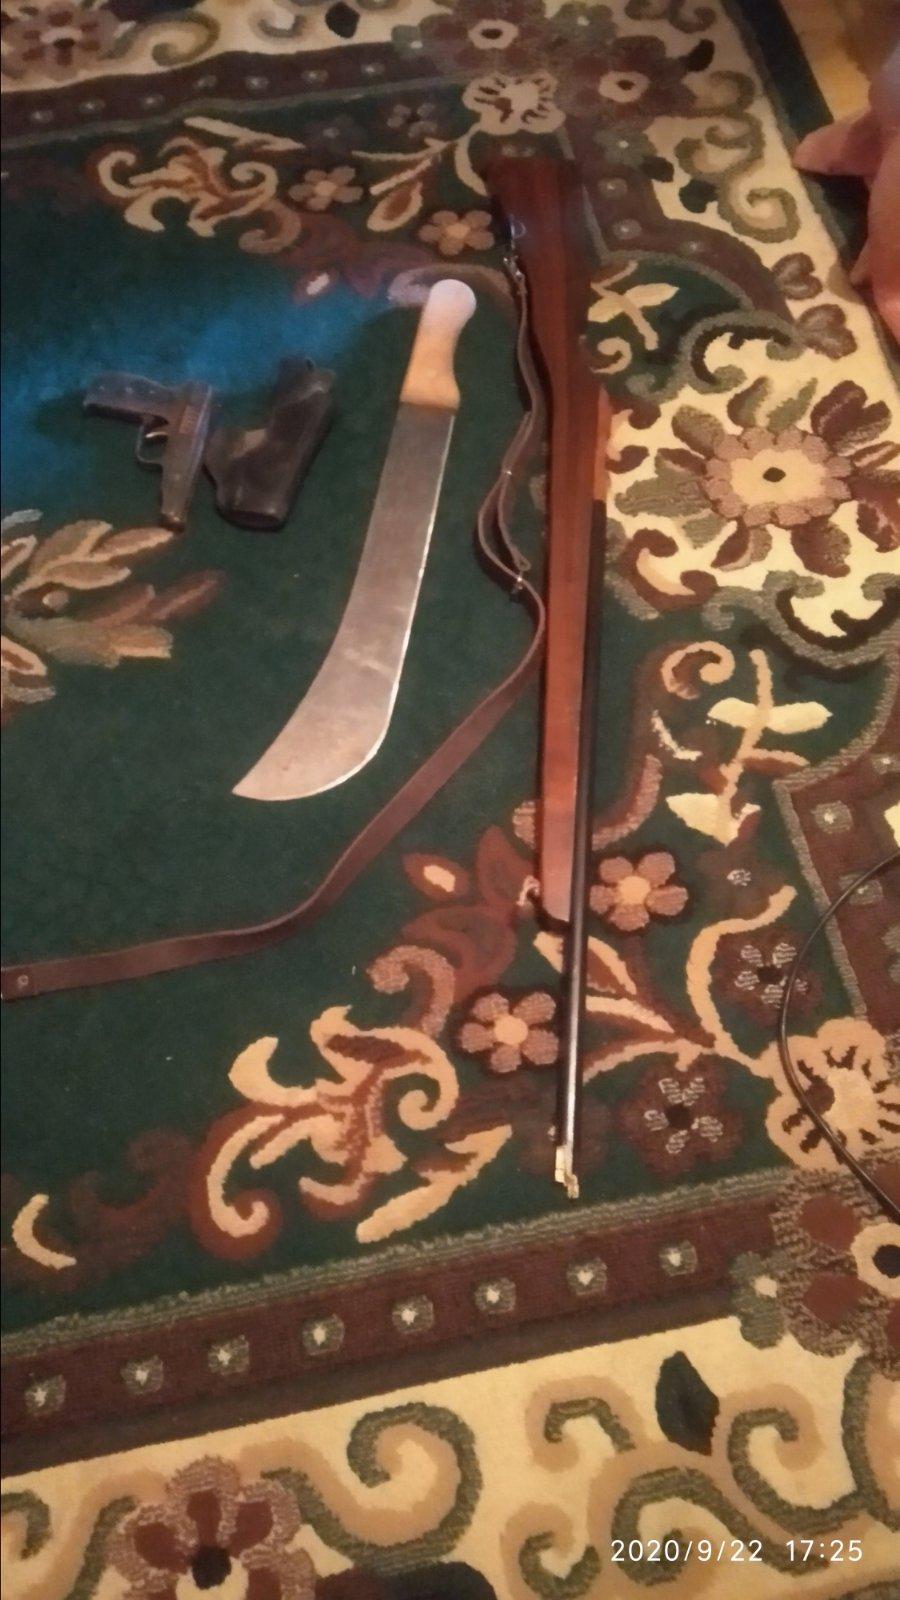 Два ствола ибинокль Cobra. Вдоме участника инцидента назаправке вСынжереи прошел обыск